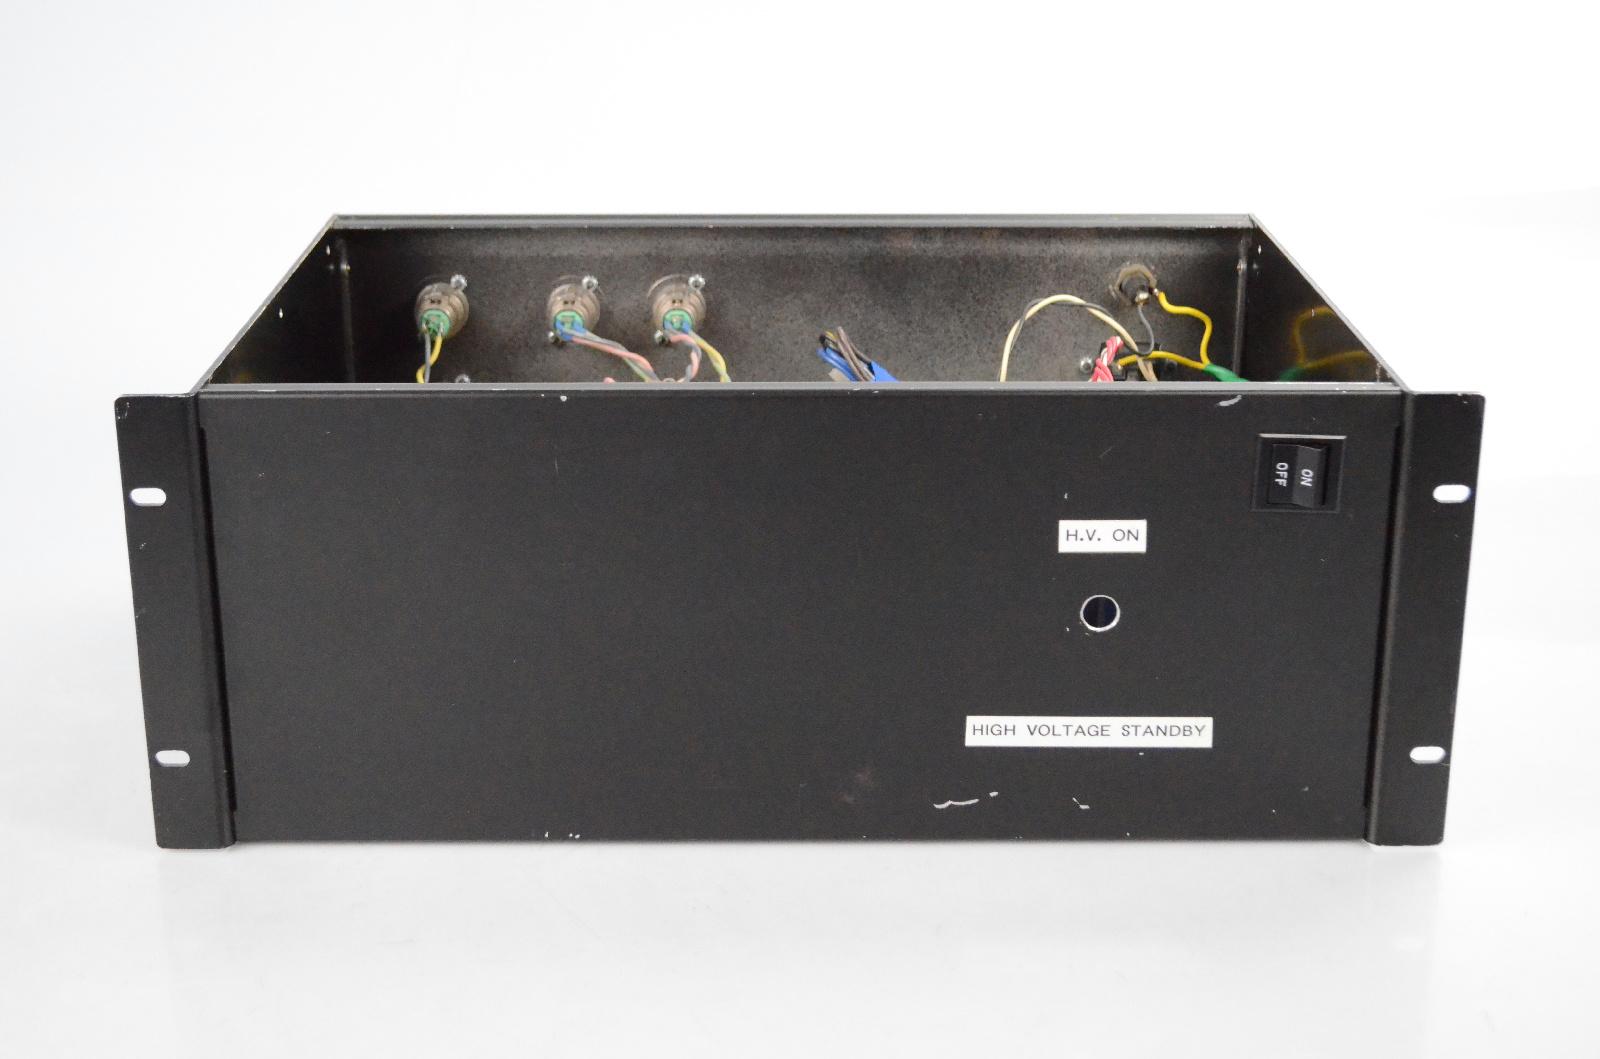 320V 247V & 12V High Voltage Power Amplifier Rack Amp for Parts or Repair #32545